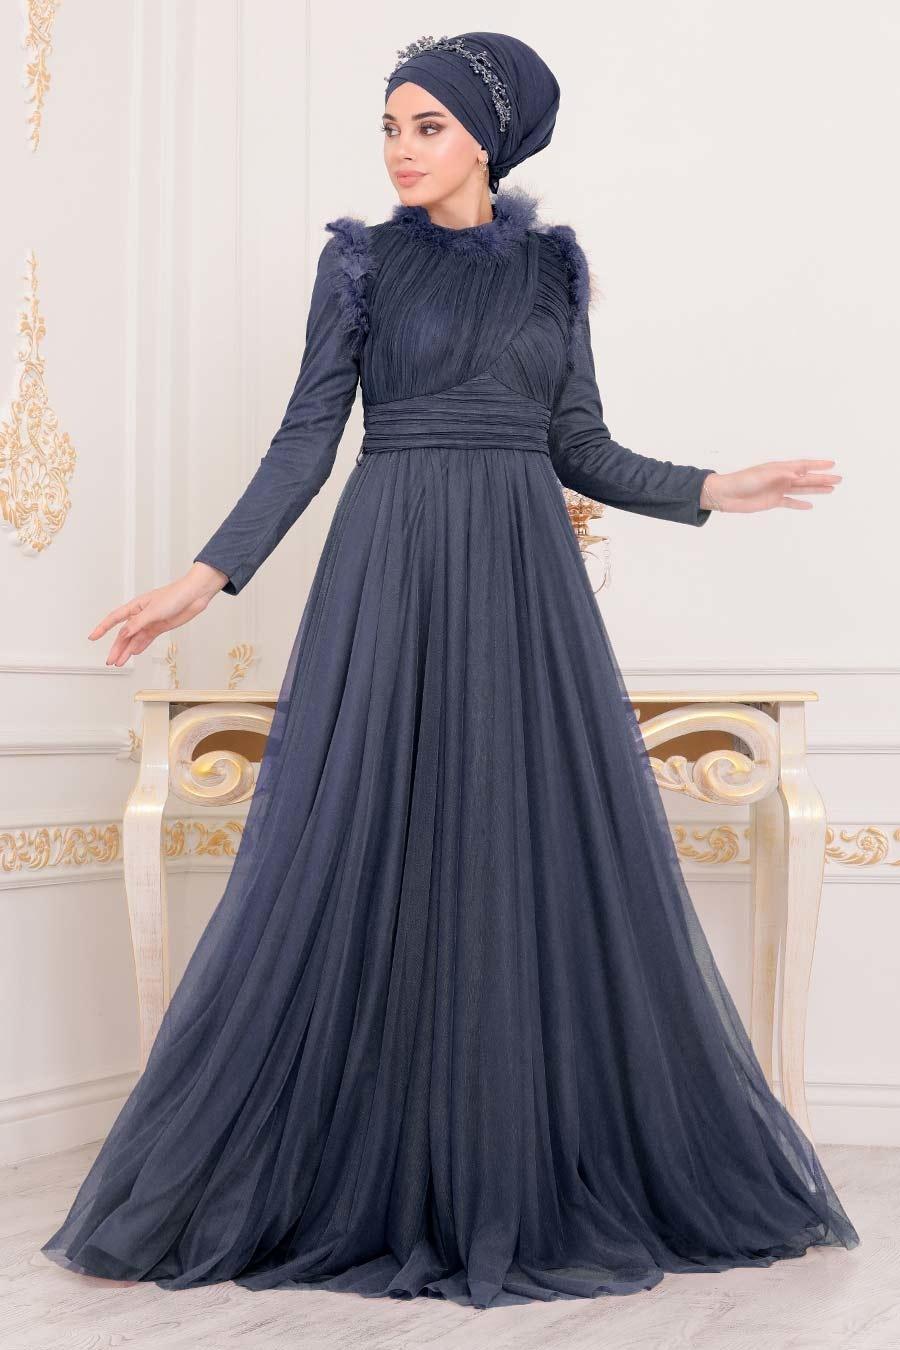 Tesettürlü Abiye Elbise - Püskül Detaylı Lacivert Tesettür Abiye Elbise 39890L